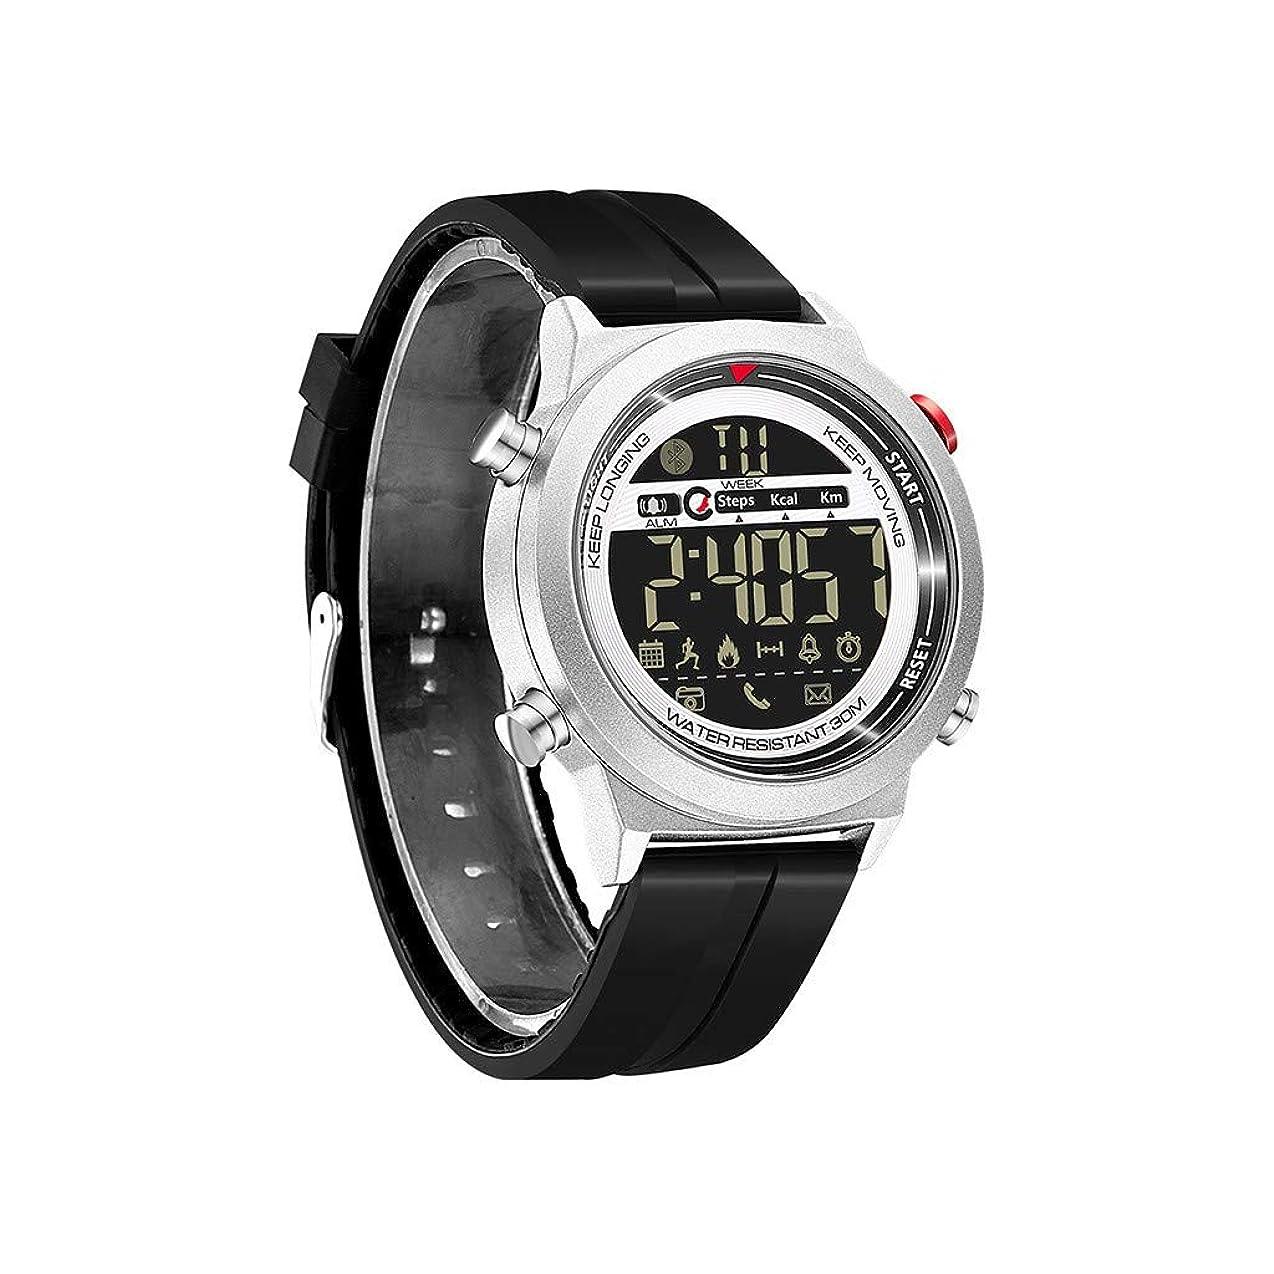 宿急性床Farantasyスマートウォッチ スマートウォッチスポーツフィットネス活動心拍数トラッカー血圧カロリー複数のスポーツモードは、Android の iPhone の携帯電話と互換性の GPS 睡眠監視をサポートしています